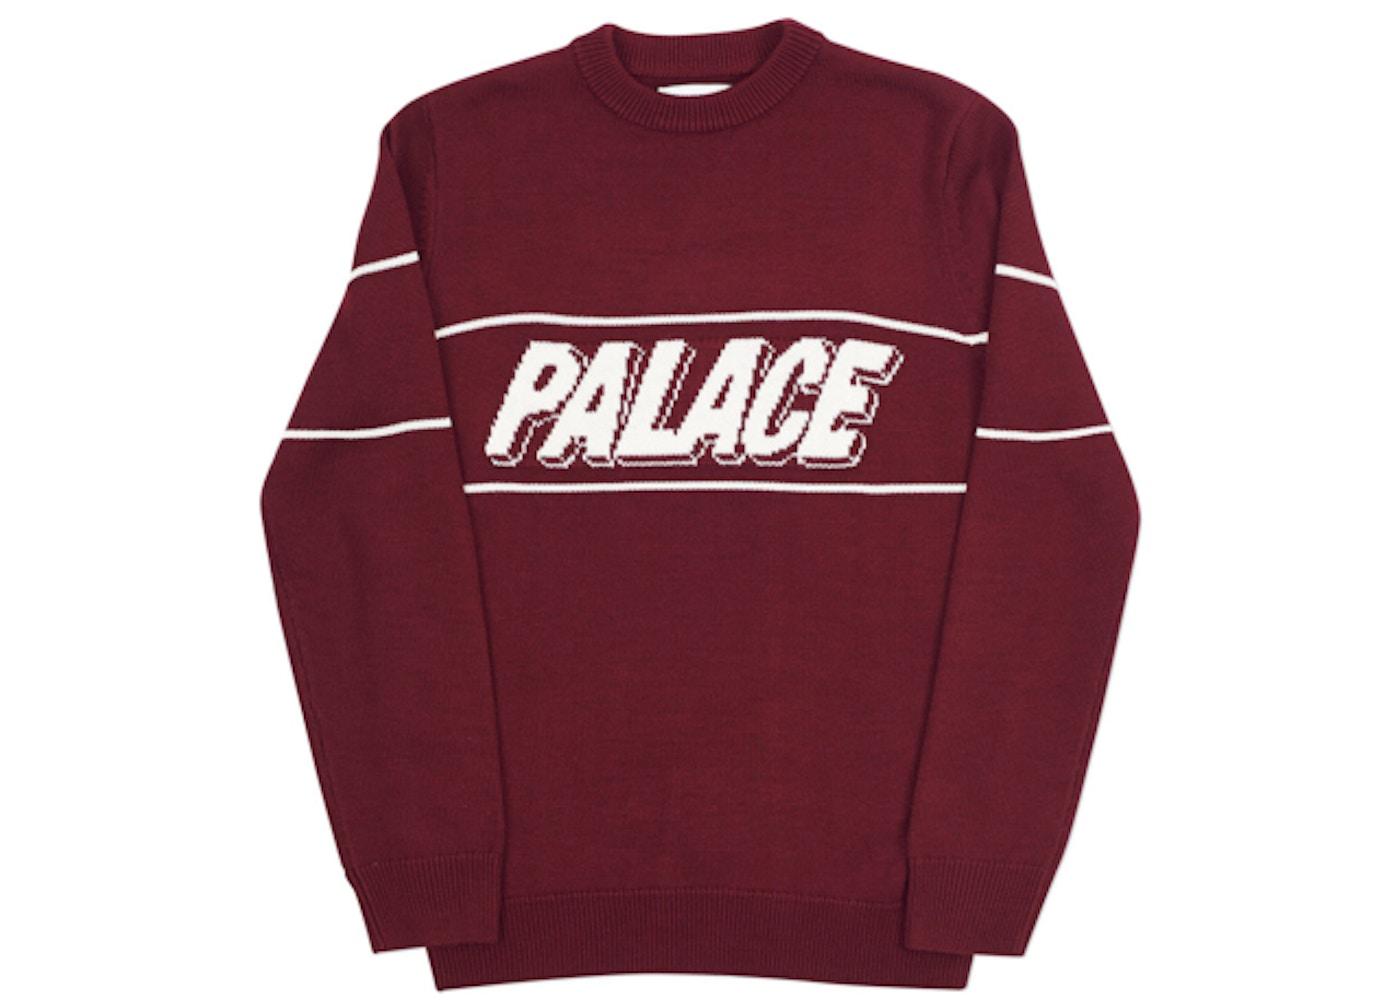 bc78a872b44e Palace 3P Knit Wine - Winter 2017